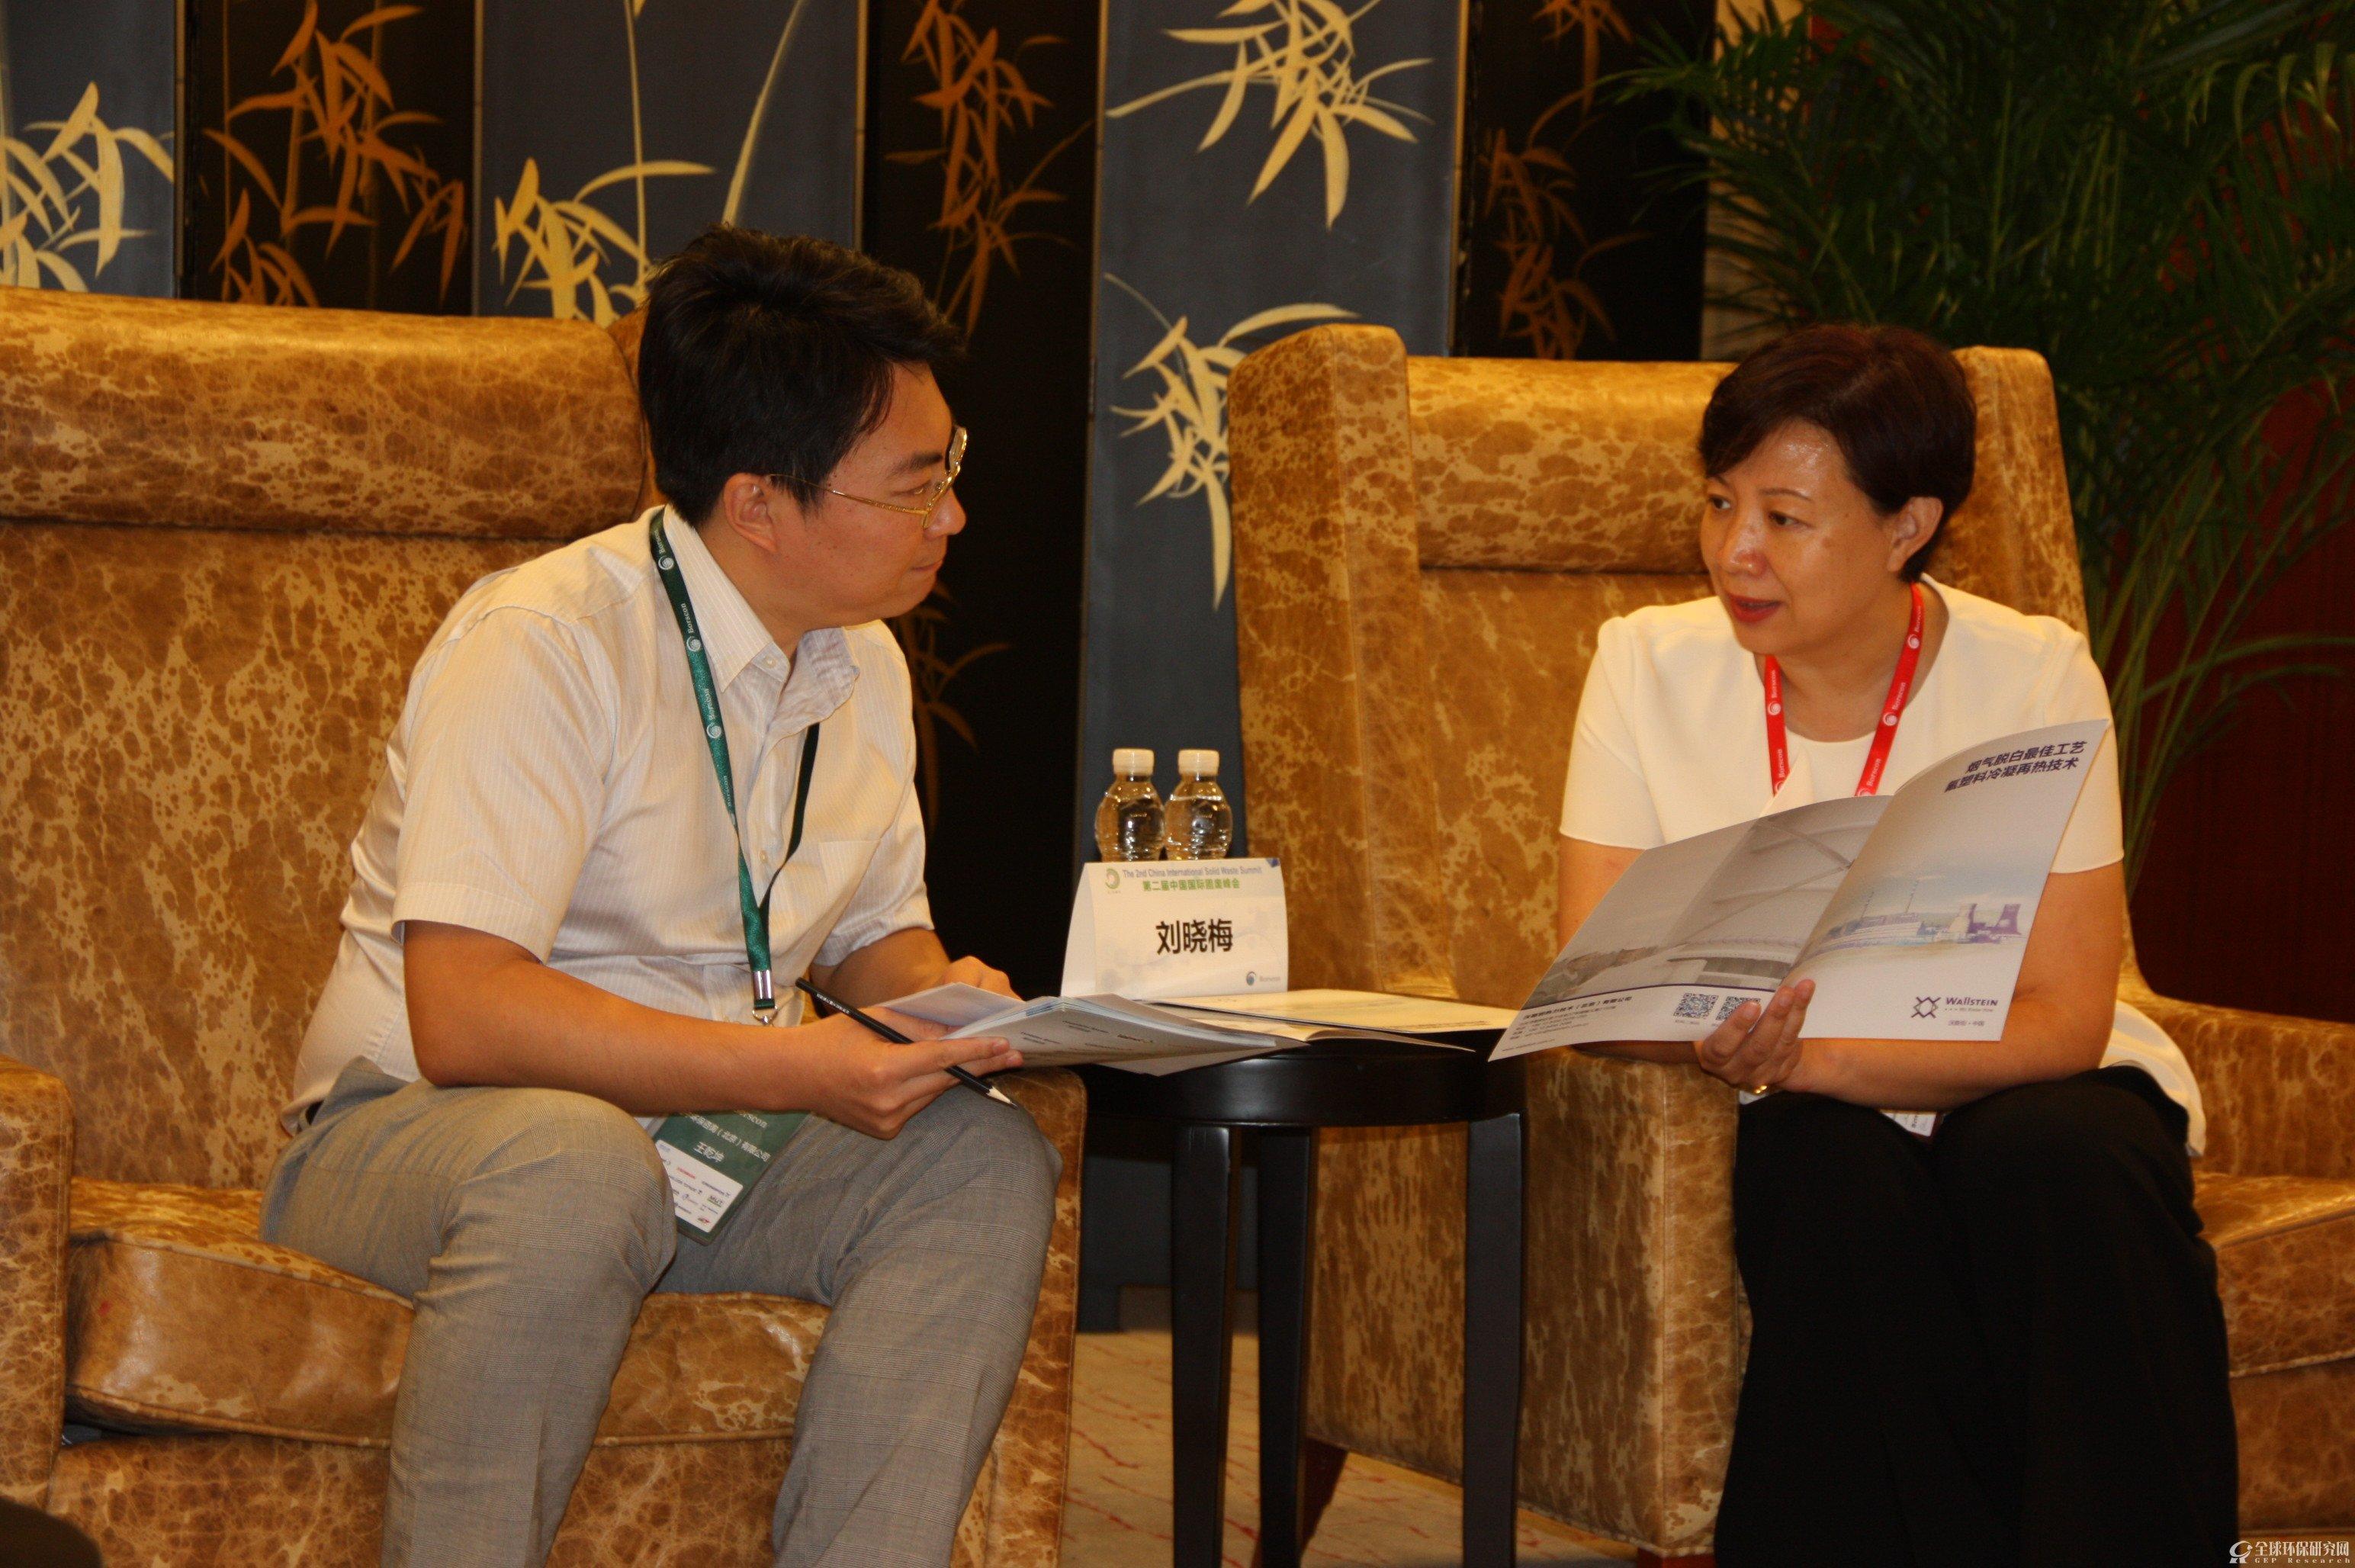 沃斯坦副总经理兼亚太区销售总经理刘晓梅